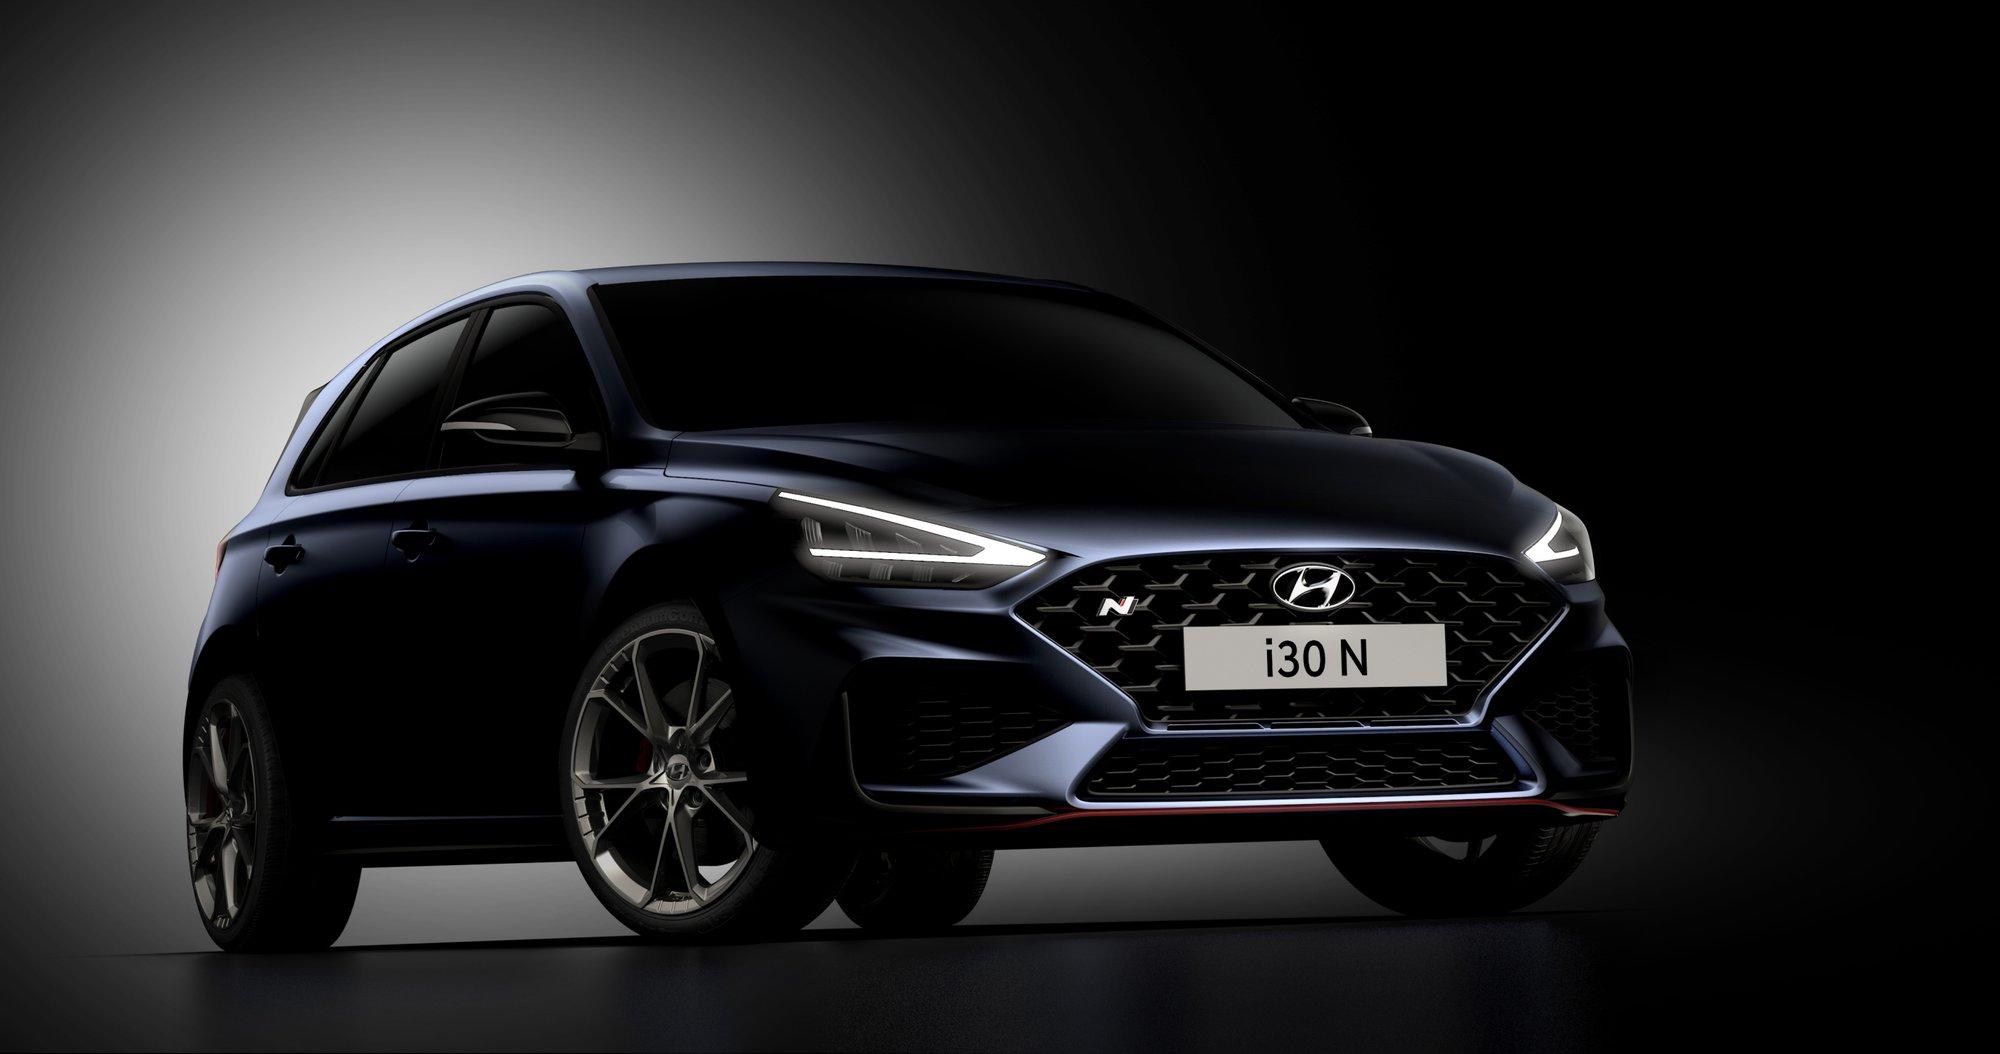 Nový Hyundai i30 N přichází s novým designem a dvojspojkovou převodovkou - anotační obrázek